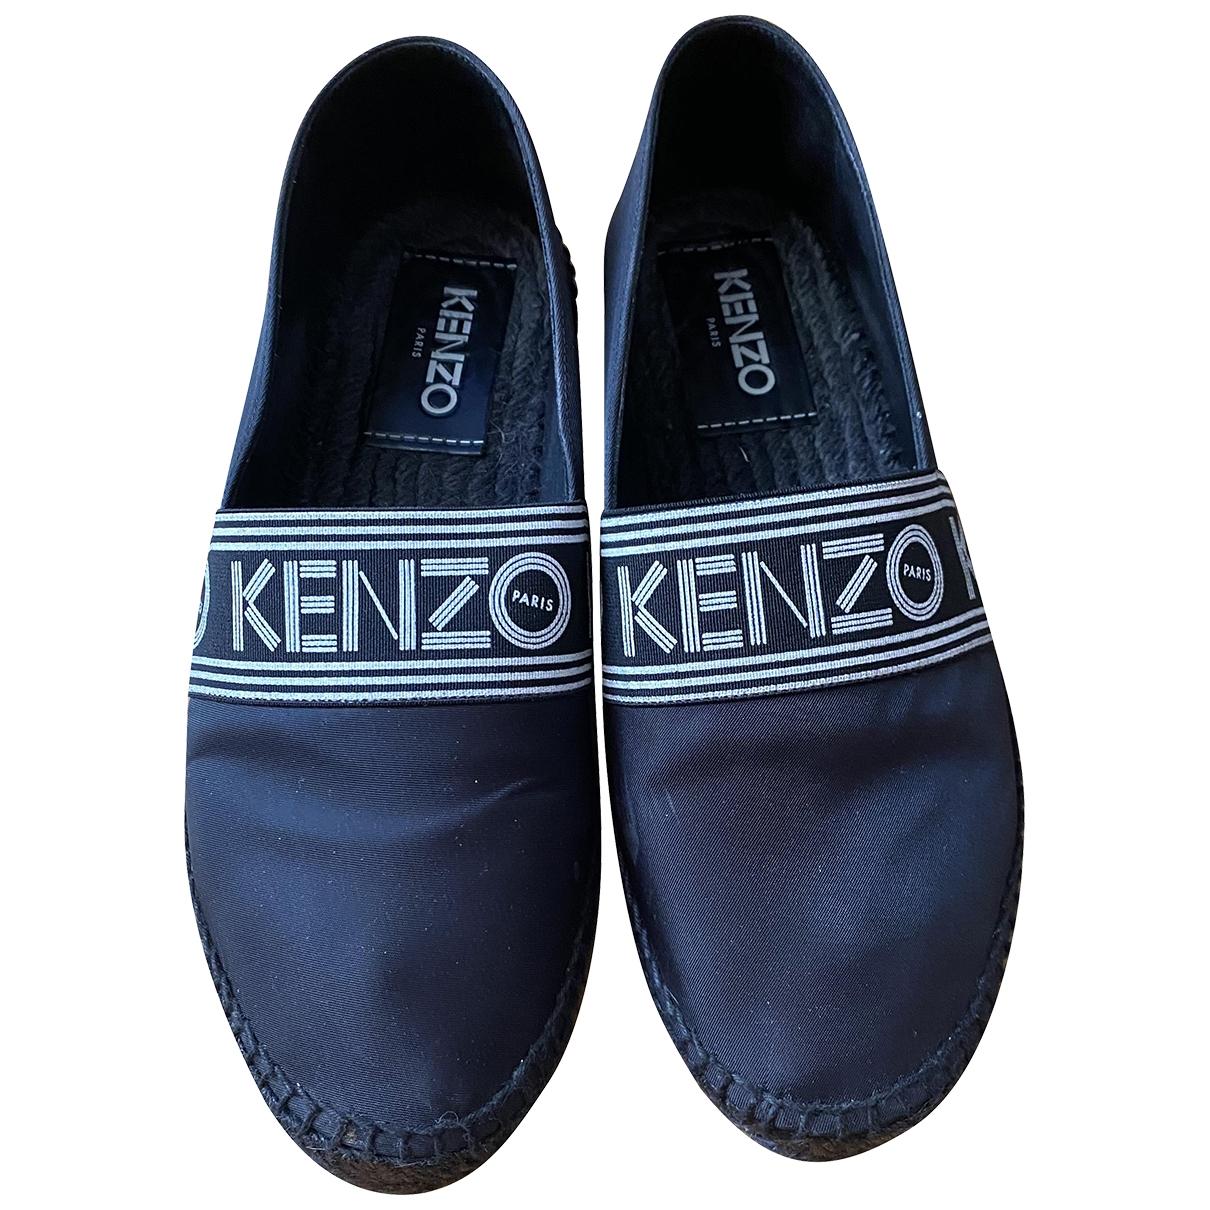 Kenzo \N Espadrilles in  Schwarz Leinen